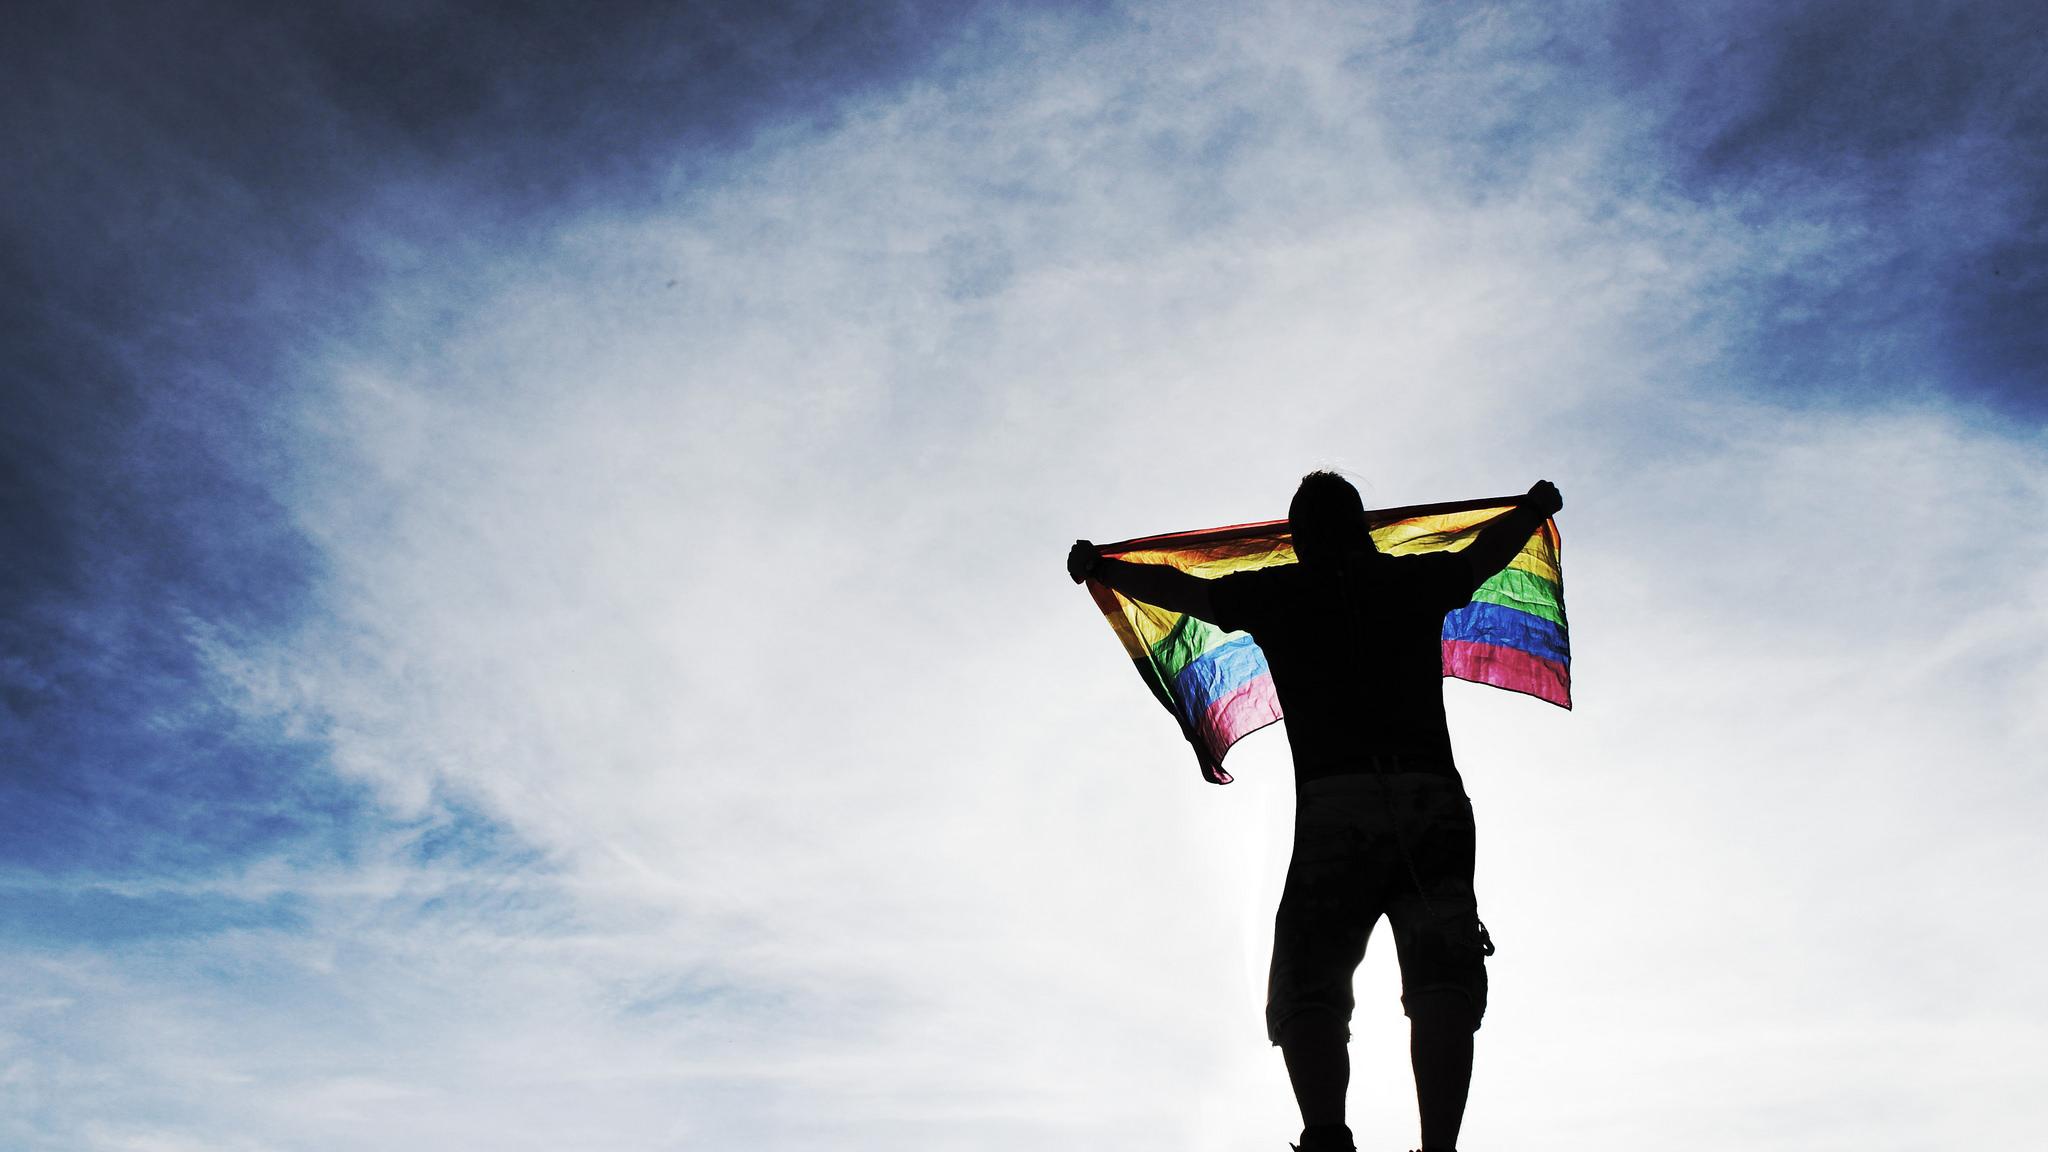 Hajde da pričamo o autohomofobiji, autor: Pederlook | Okvir